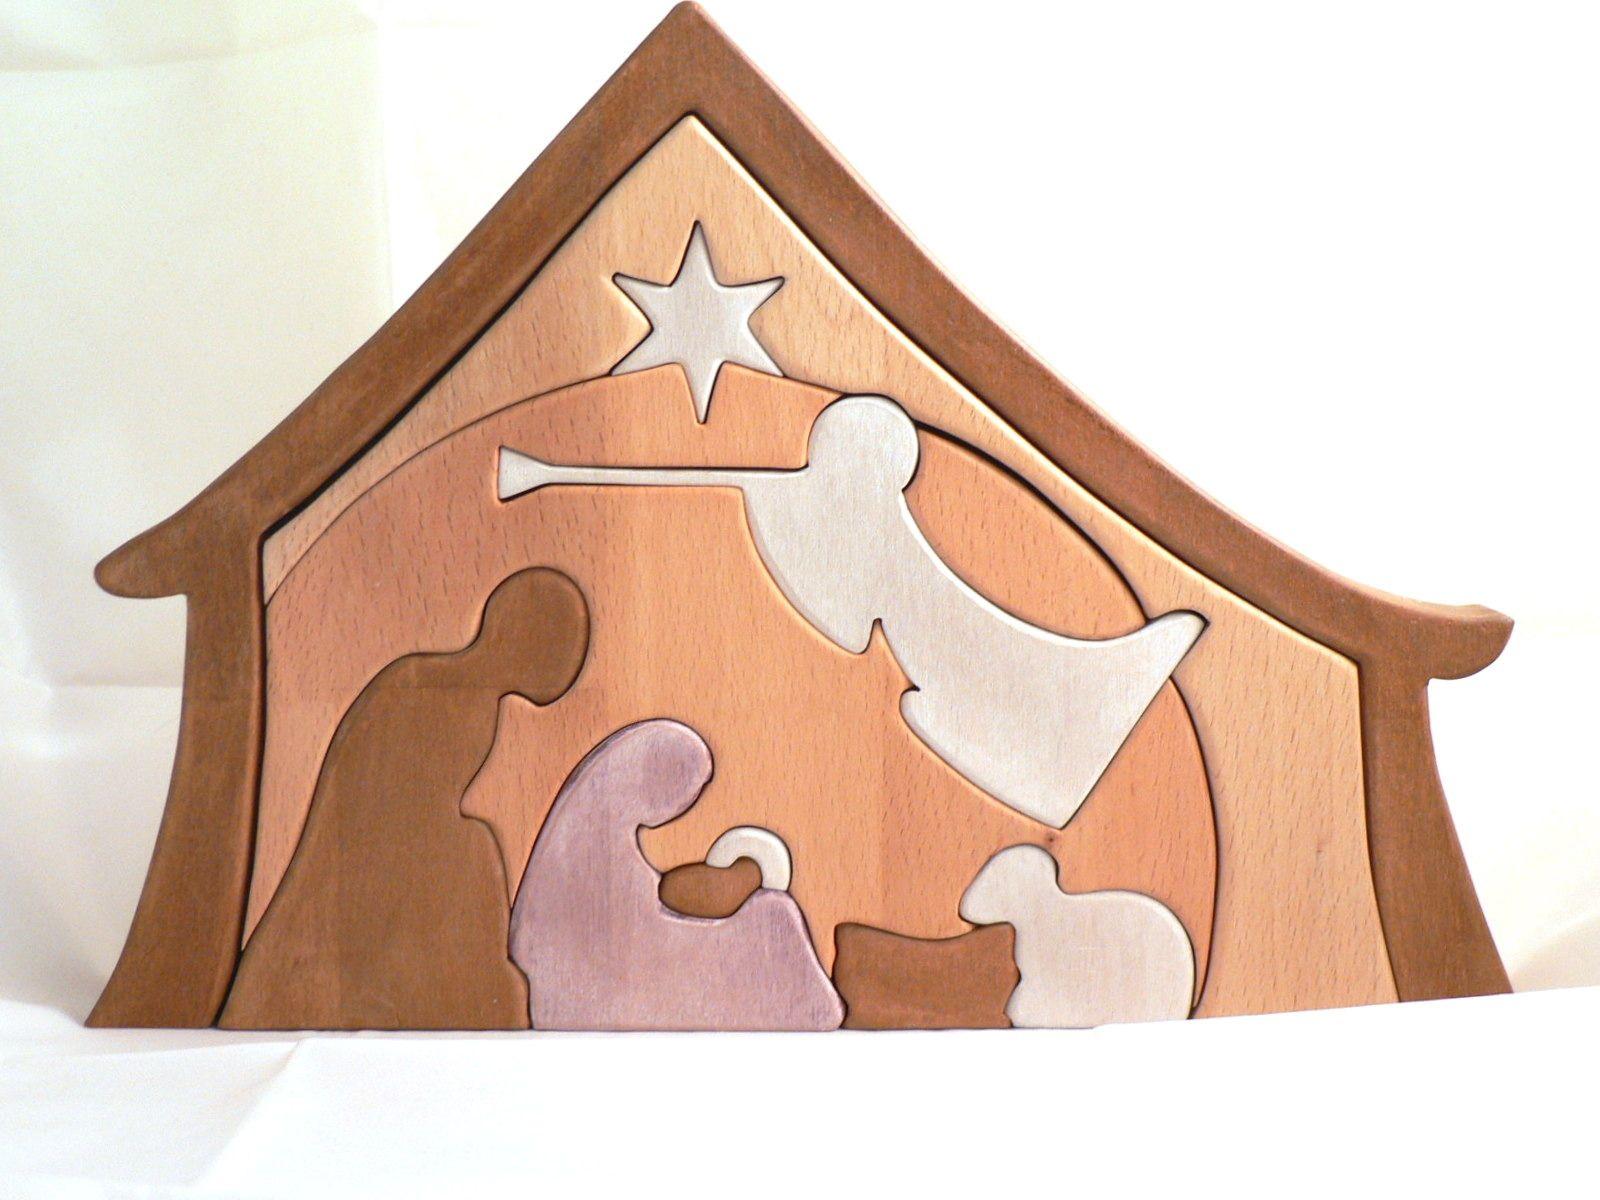 Crèche de noël en bois découpé façon puzzle : Accessoires de